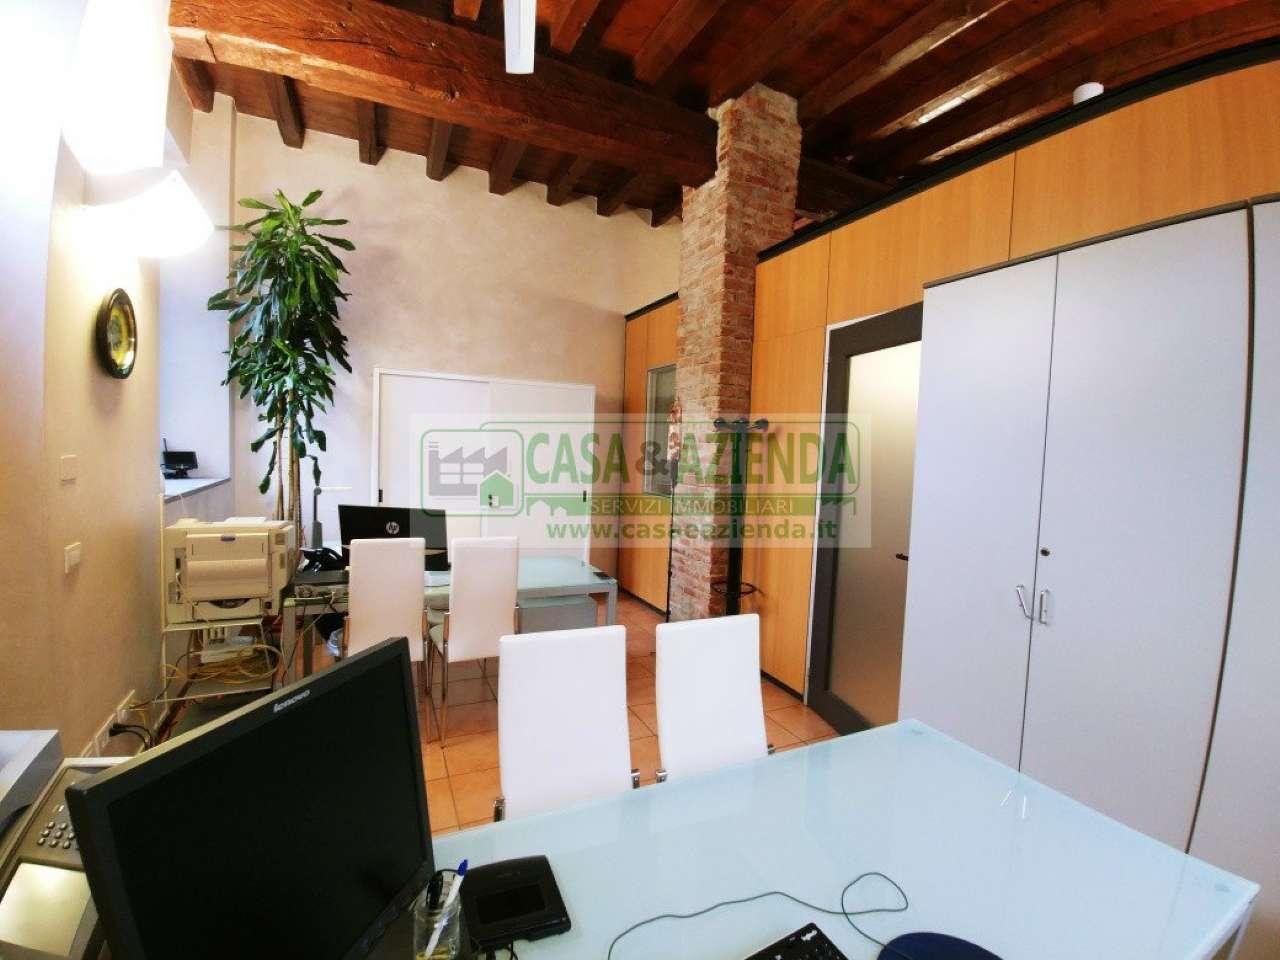 Ufficio / Studio in vendita a Pioltello, 3 locali, prezzo € 160.000 | PortaleAgenzieImmobiliari.it